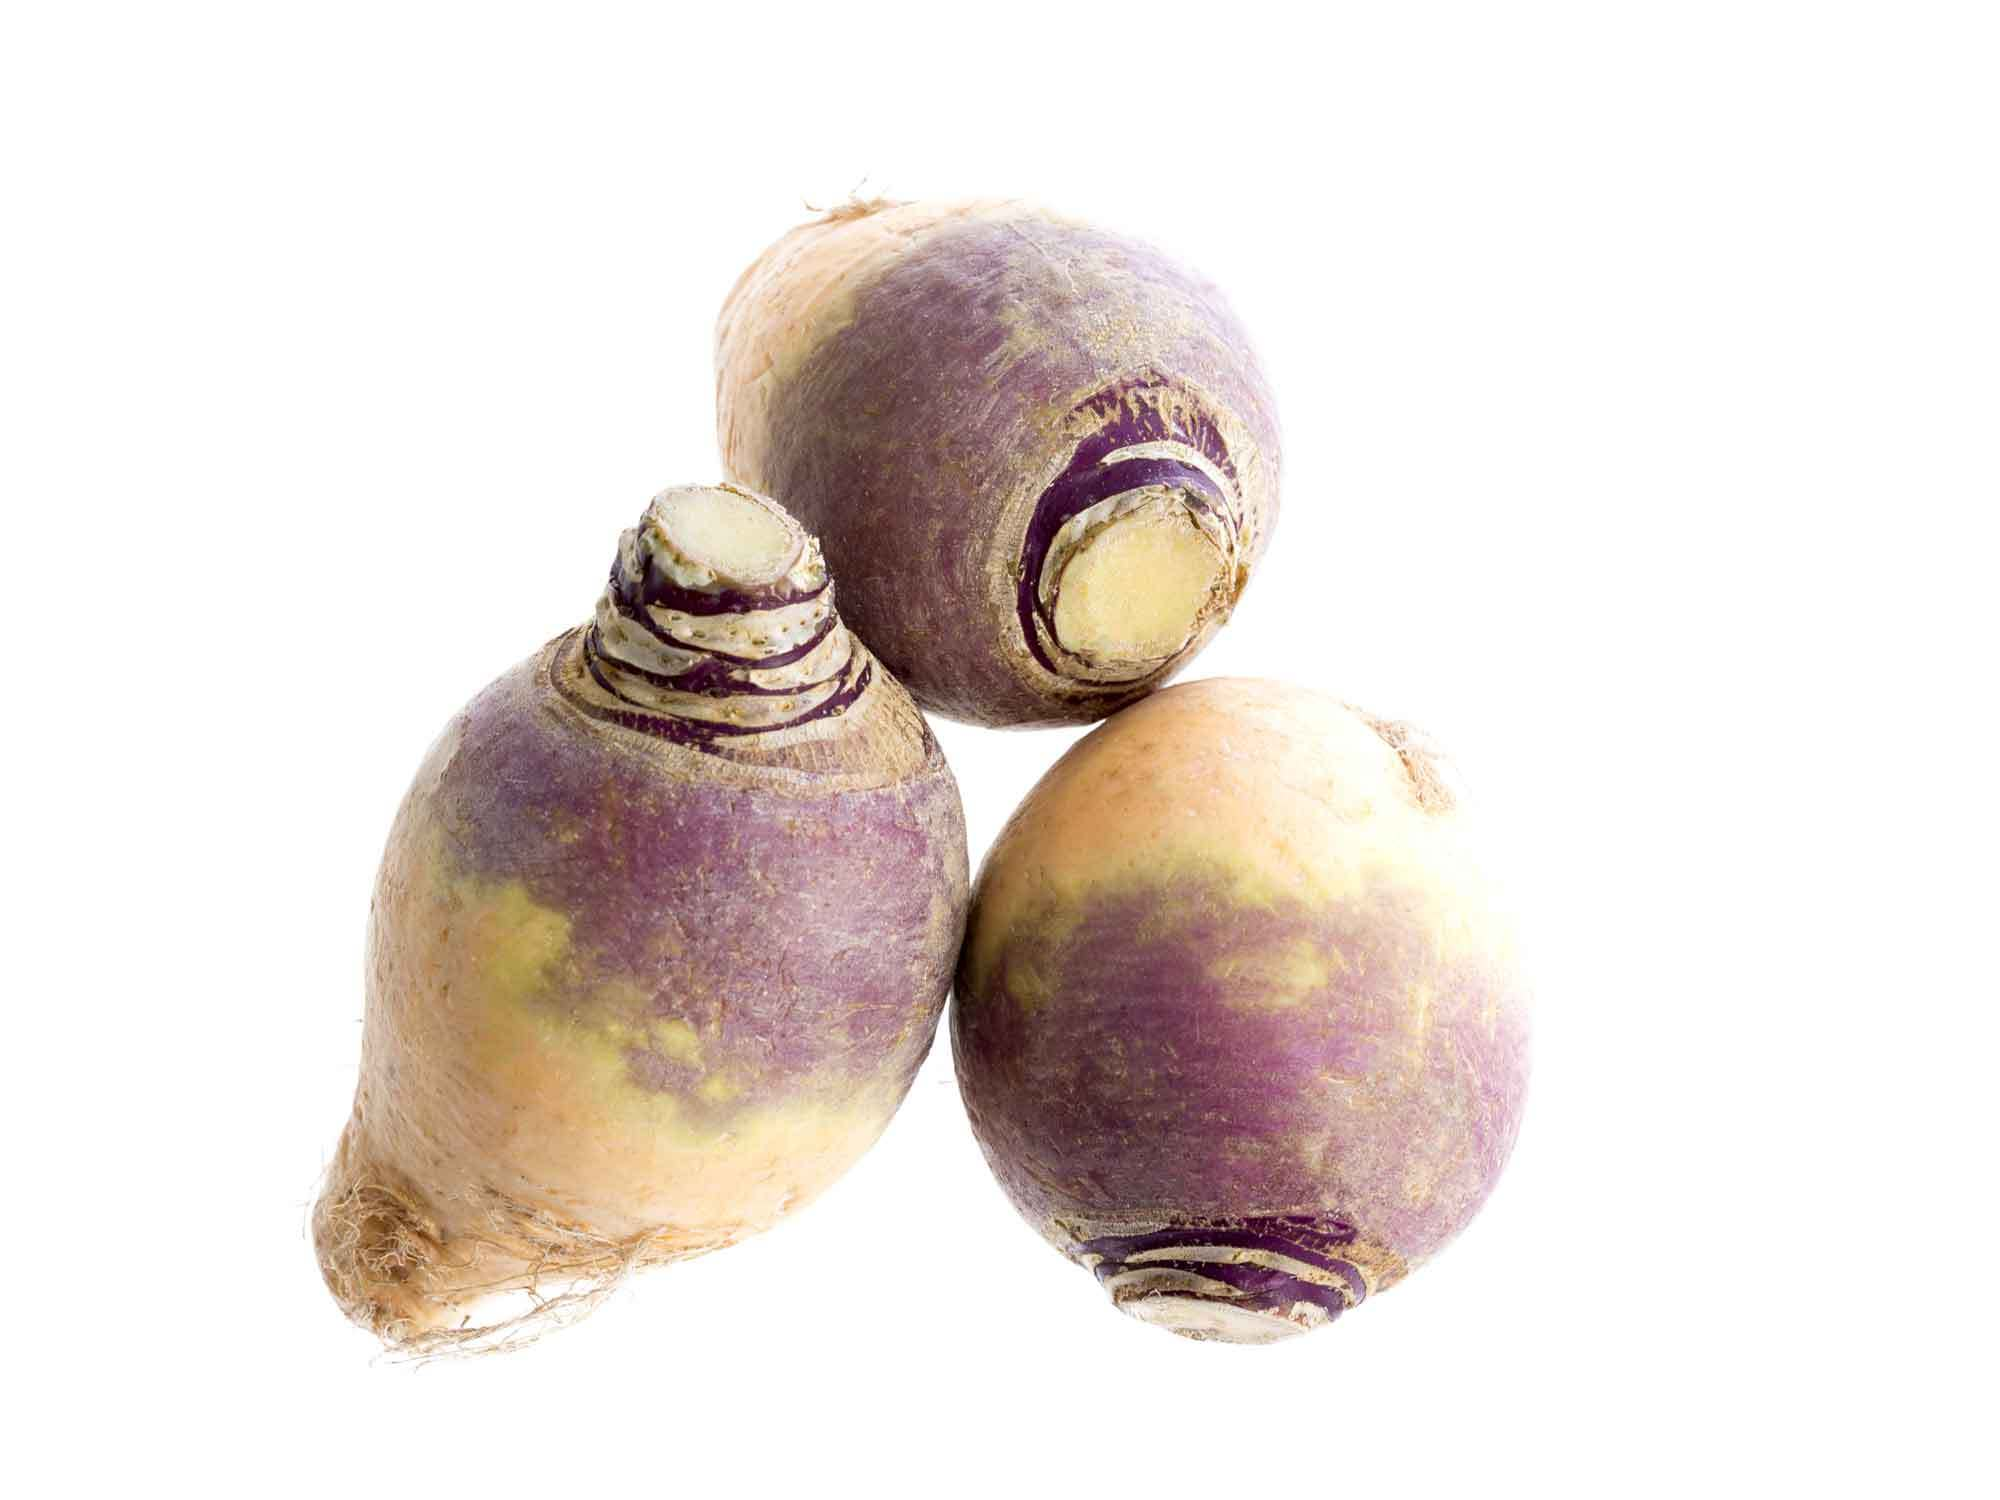 Choux de siam - Ferme Gagnon - Fruits et légumes frais